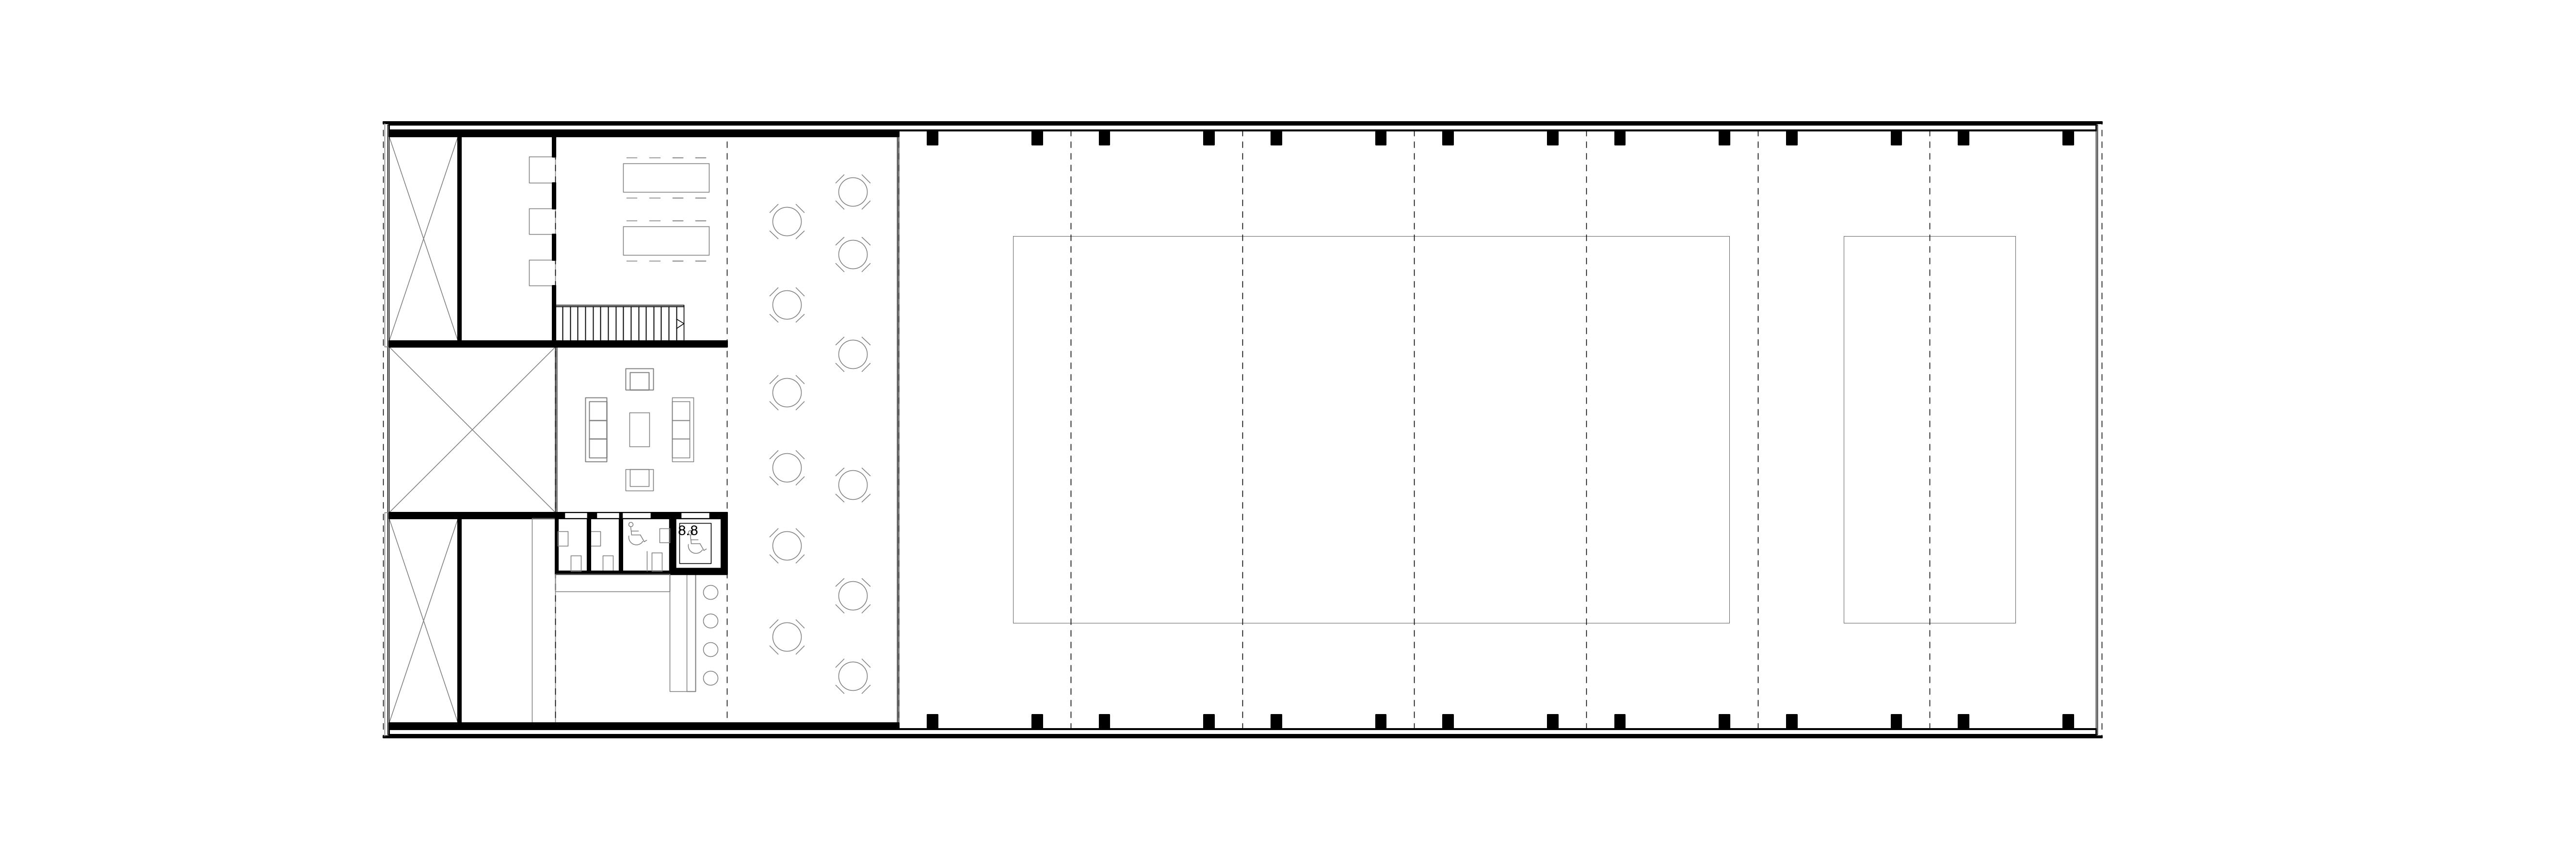 plan de la mezzanine